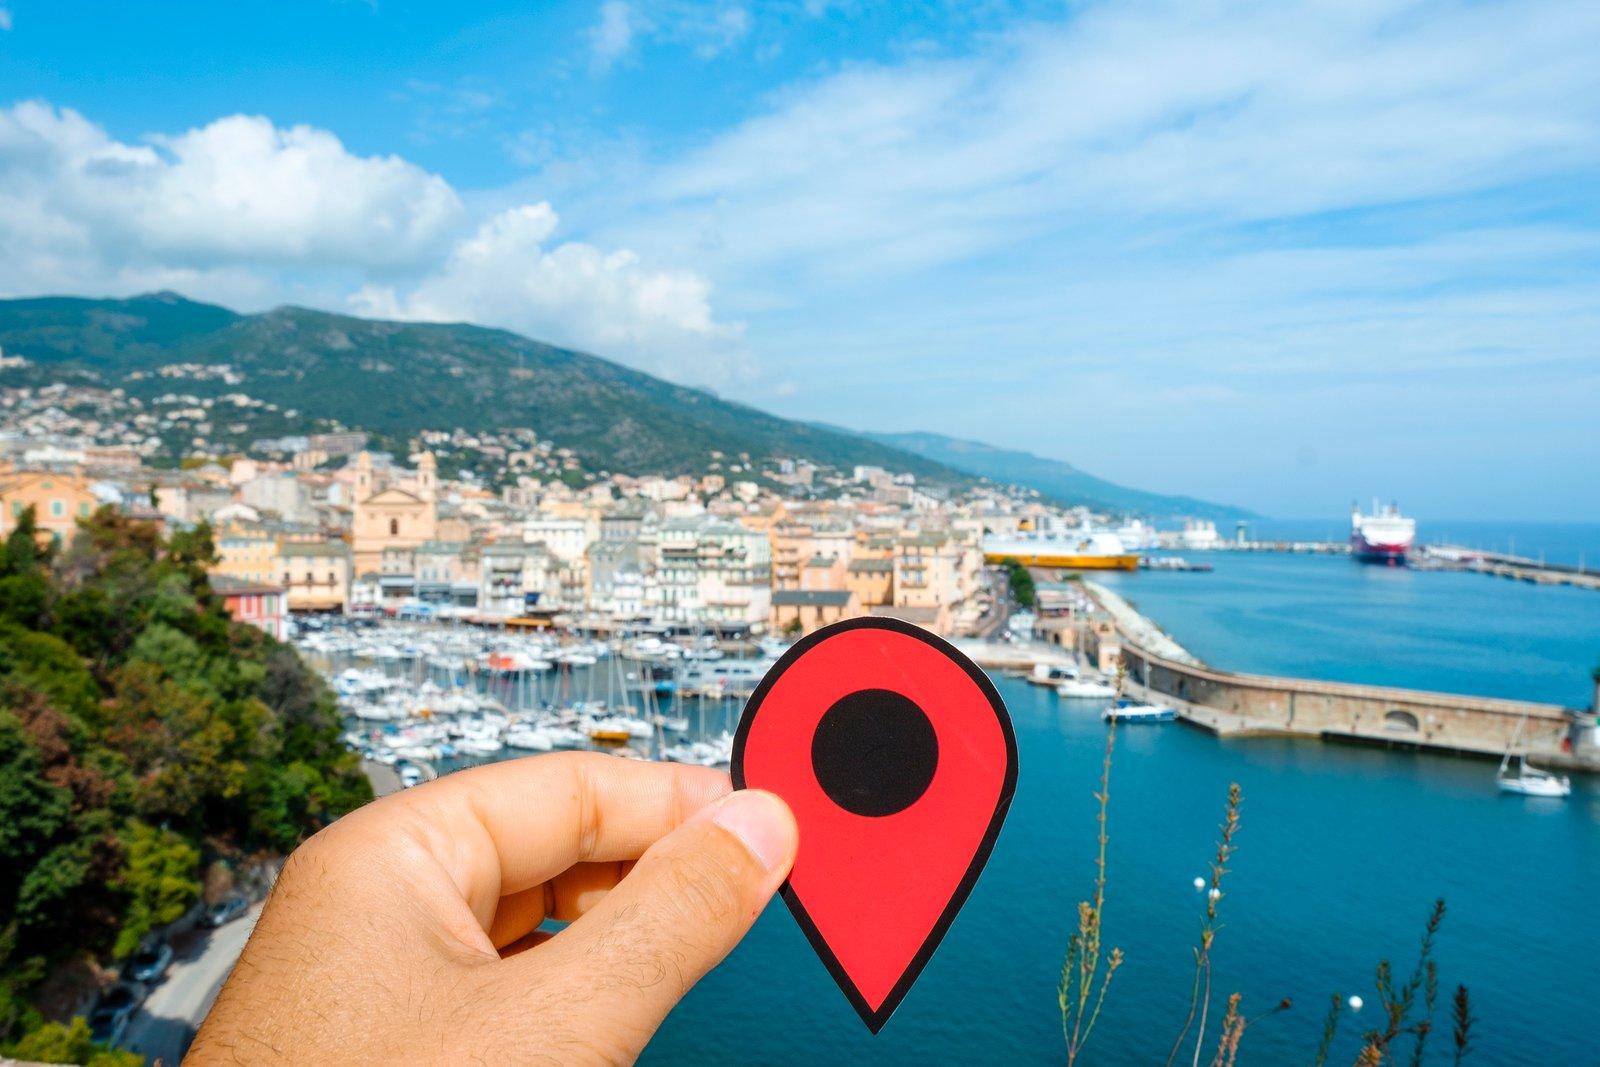 app personalizzata geolocalizzazione gps